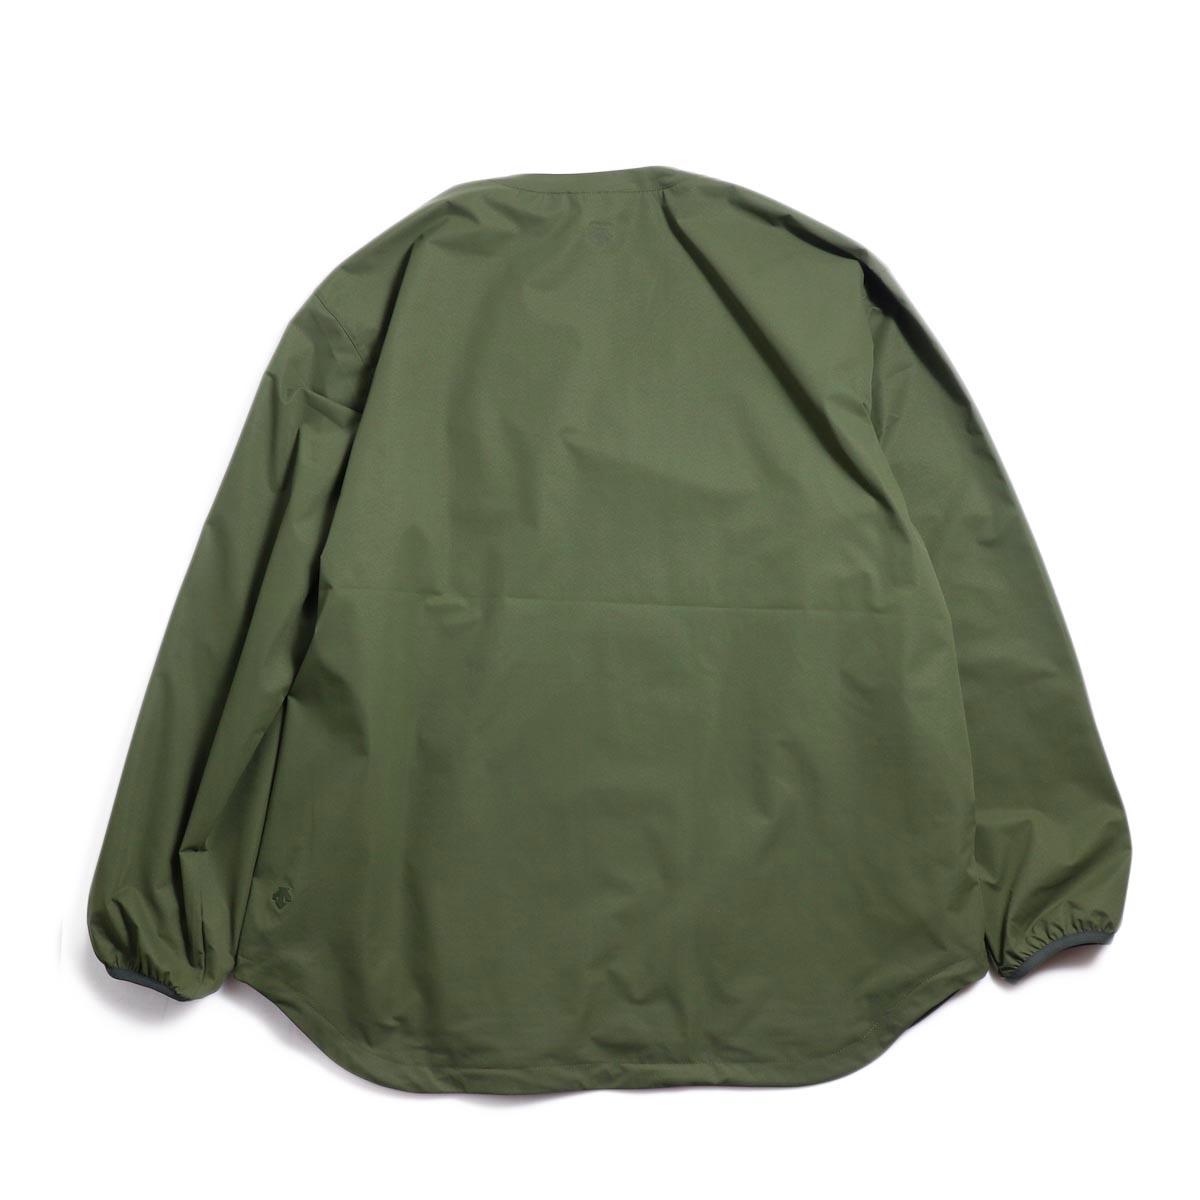 DESCENTE ddd / L/S Pullover Shirt -OGRN 背面